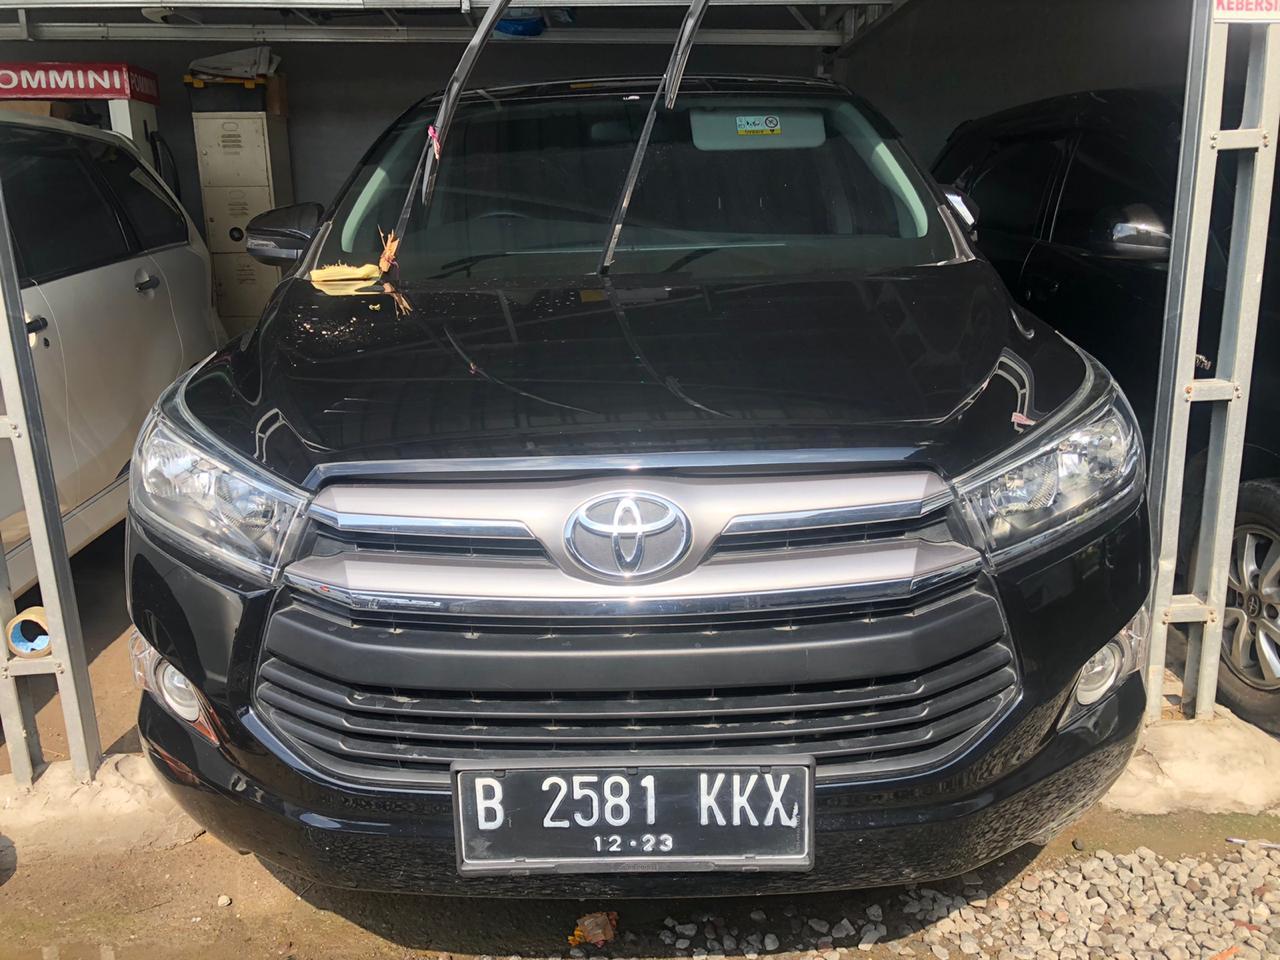 Pilihan City Car Lepas Kunci di Bali Tahun 2020